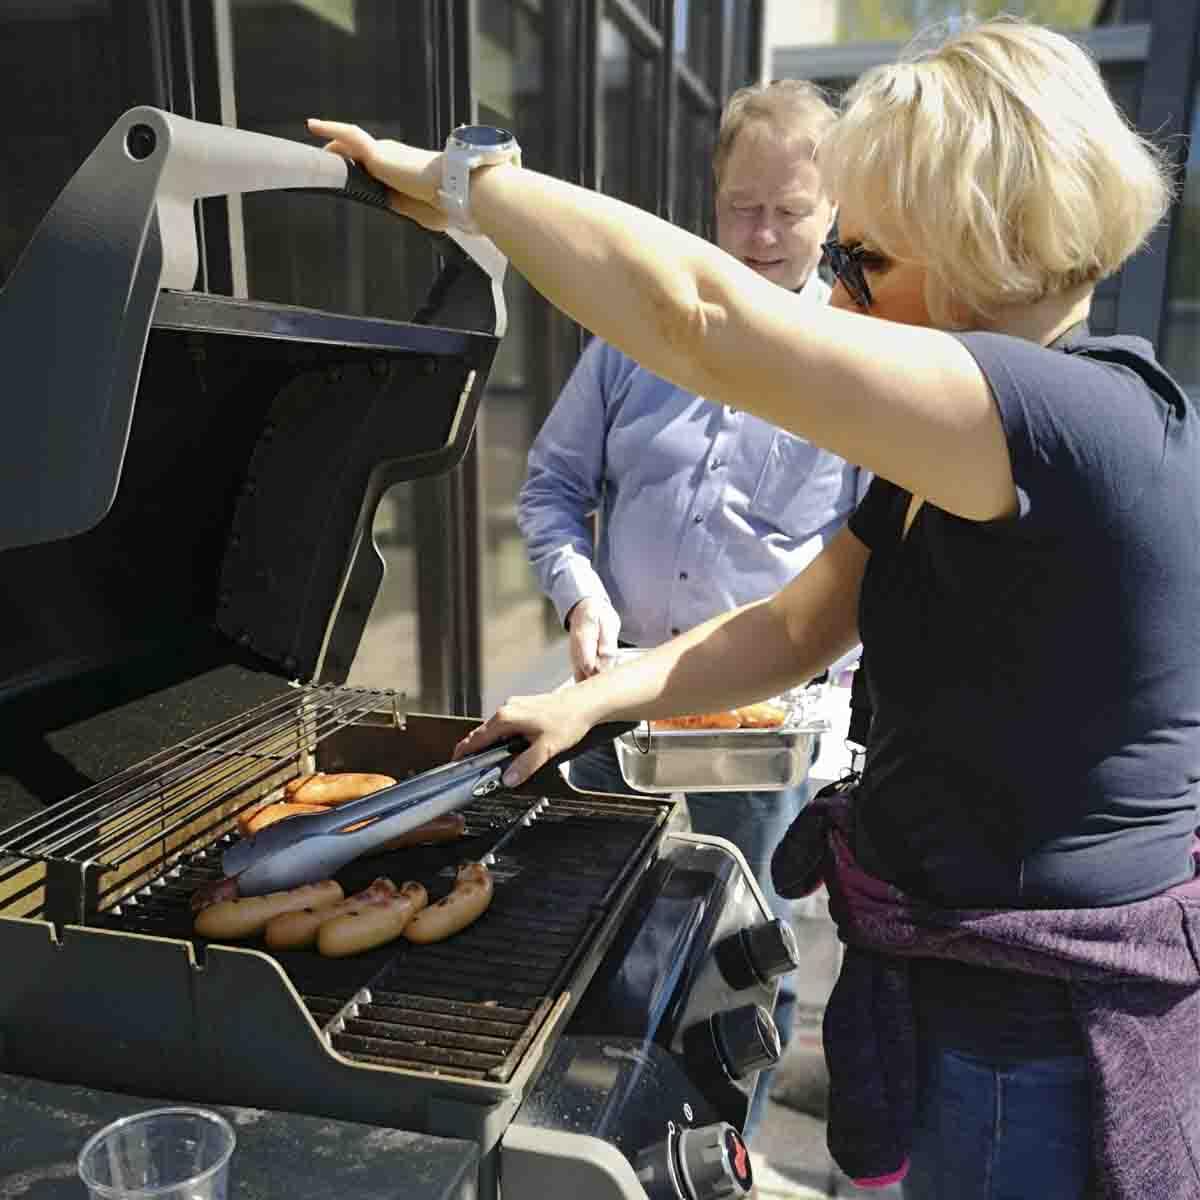 YHR-grilli kävi kuumana